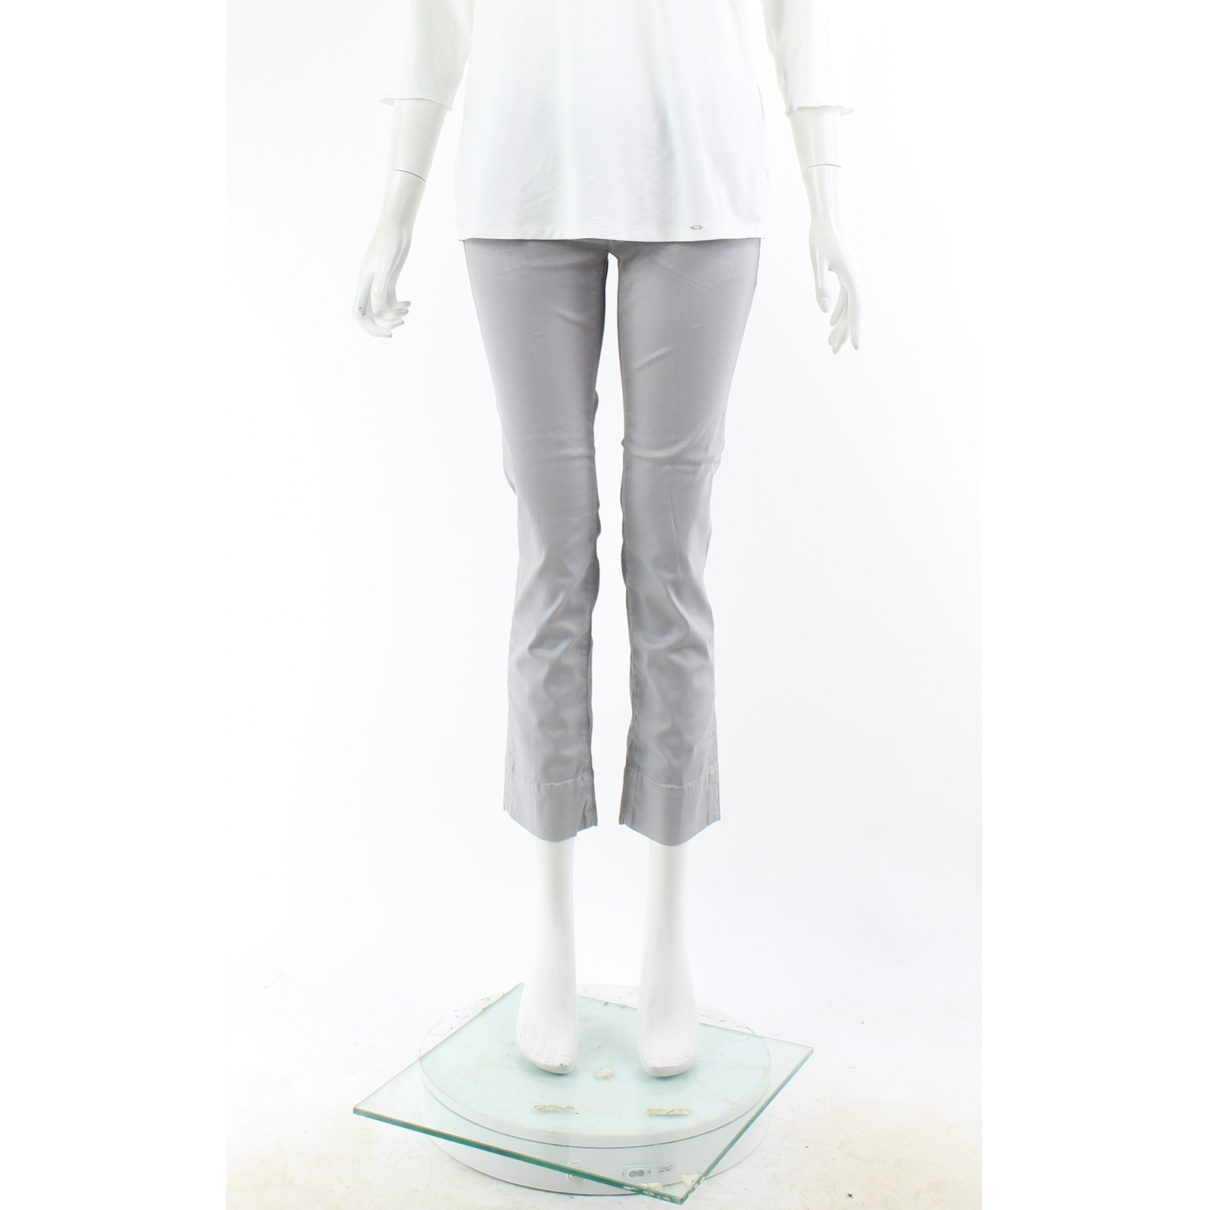 Pantalon en Algodon Gris Karl Lagerfeld